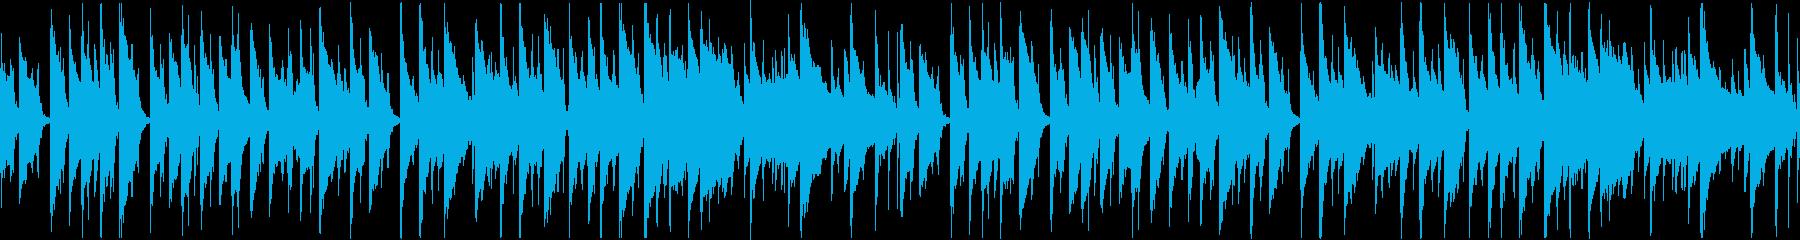 【YouTube】おしゃれでまったりな曲の再生済みの波形